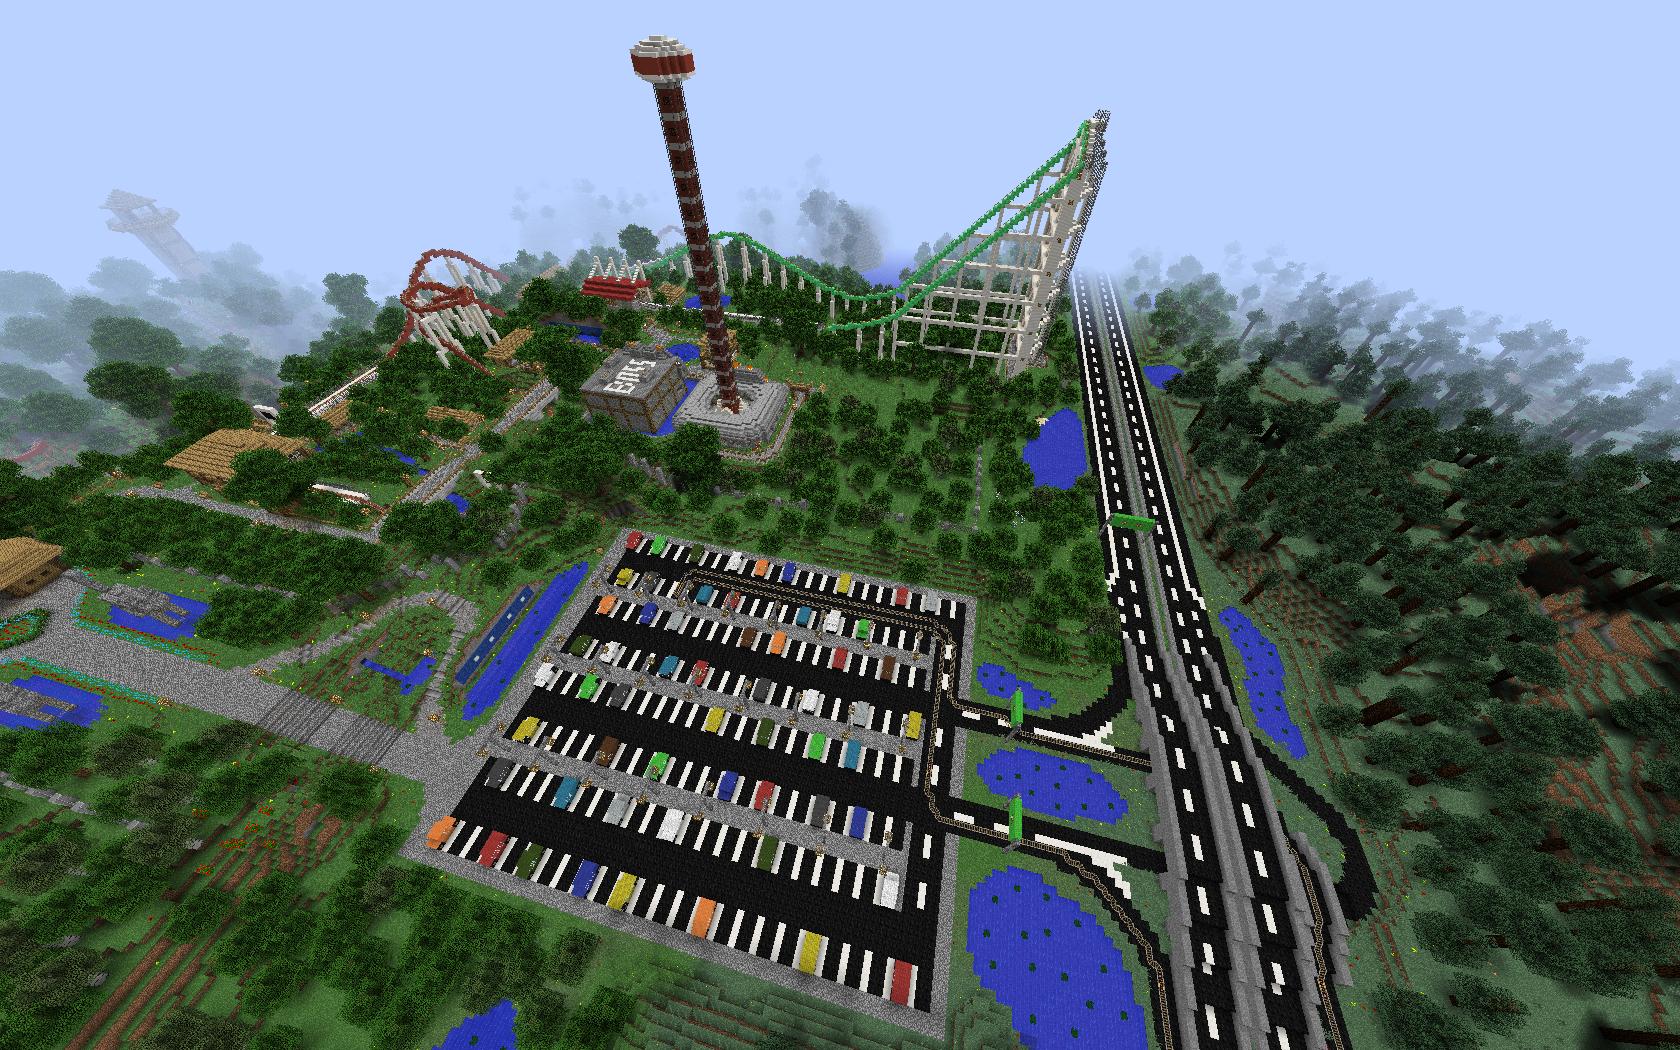 Скачать карту Herofair Amusement Park для Майнкрафт ...